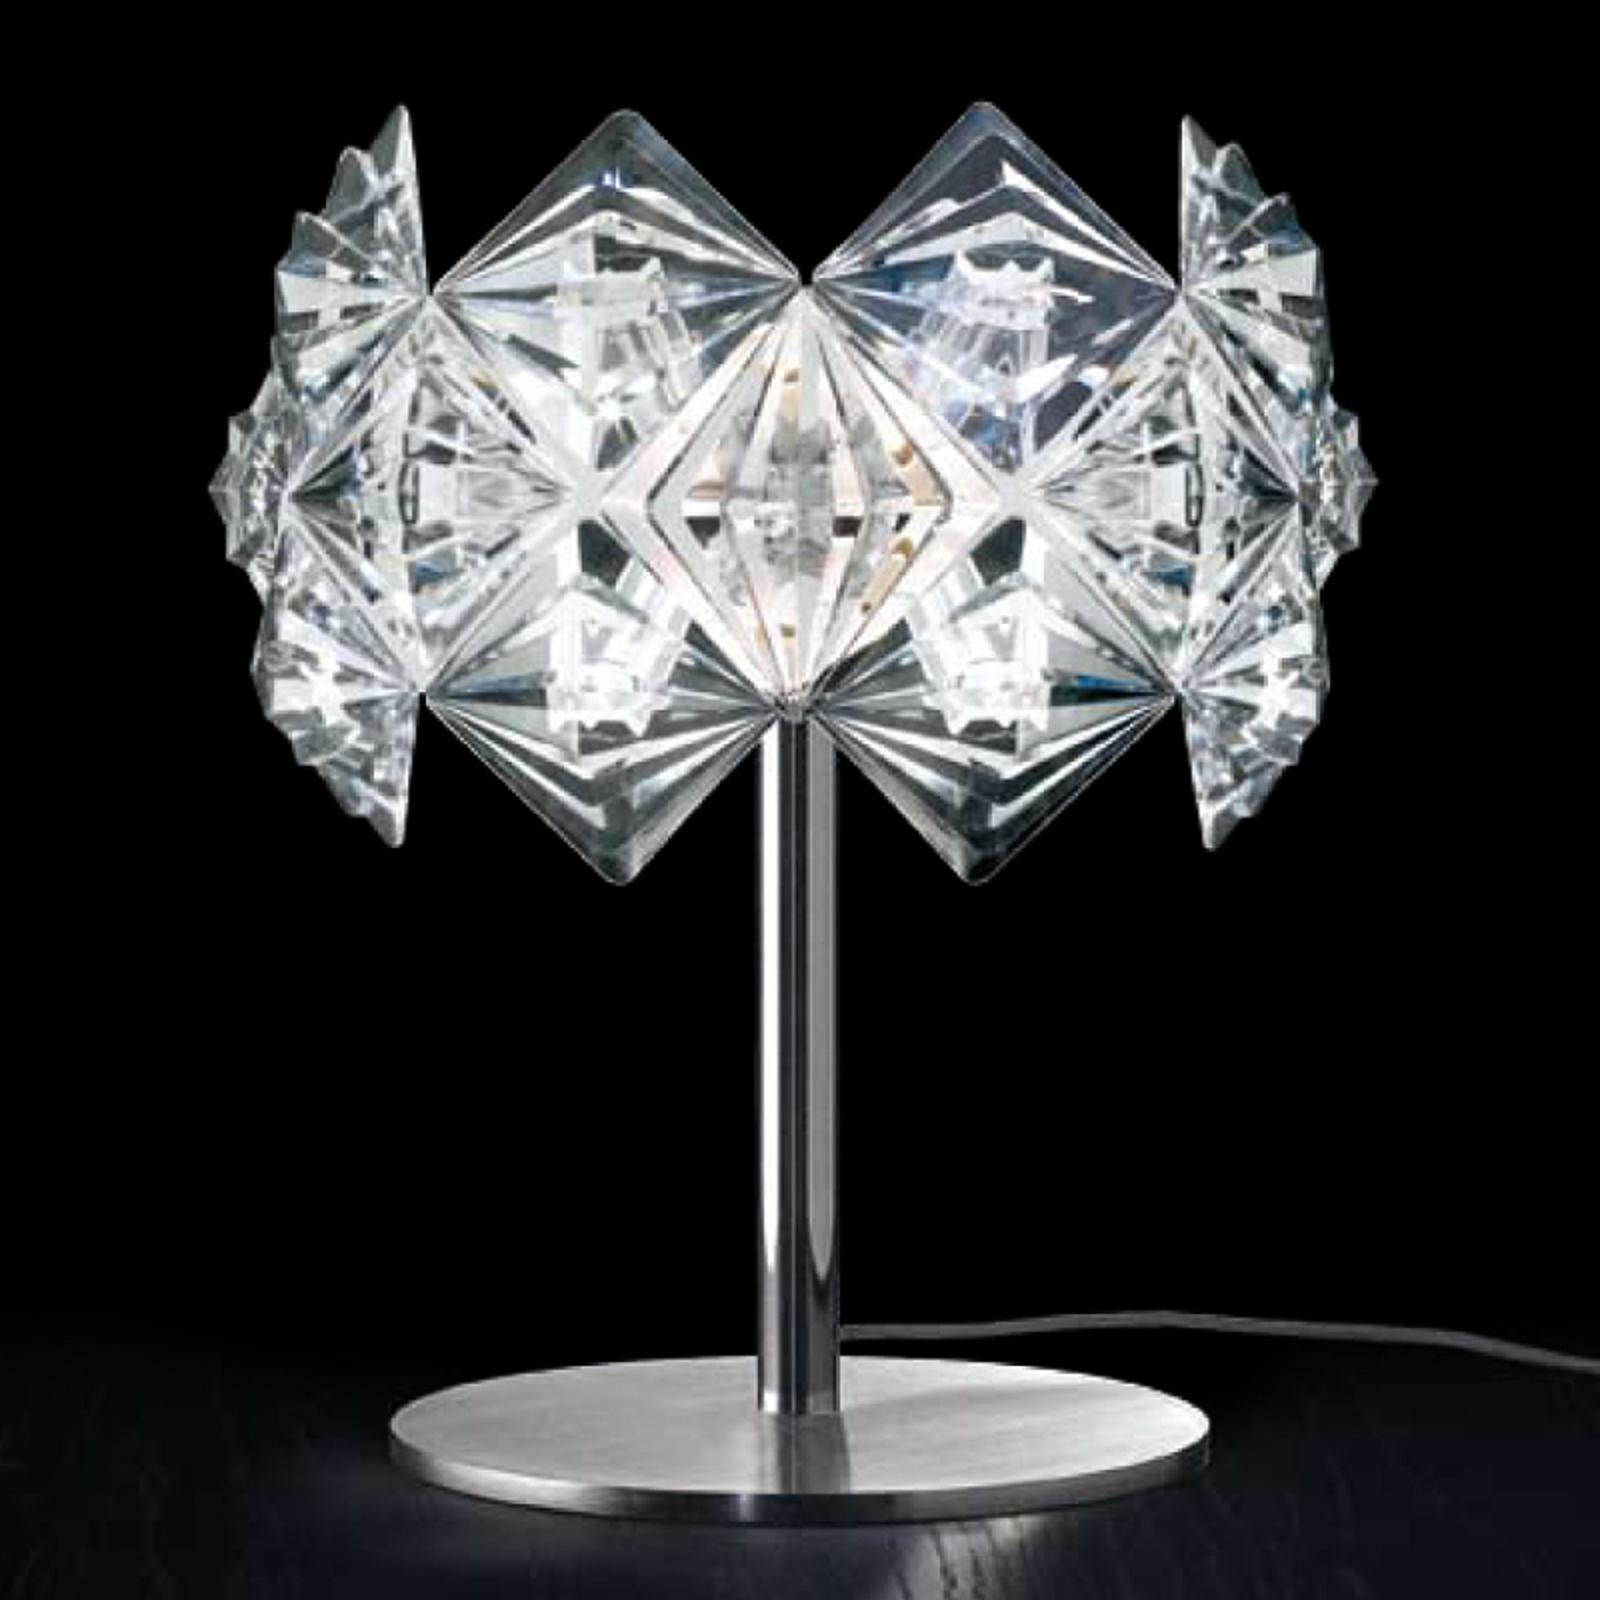 PRISMA tafellamp met schitterende kap